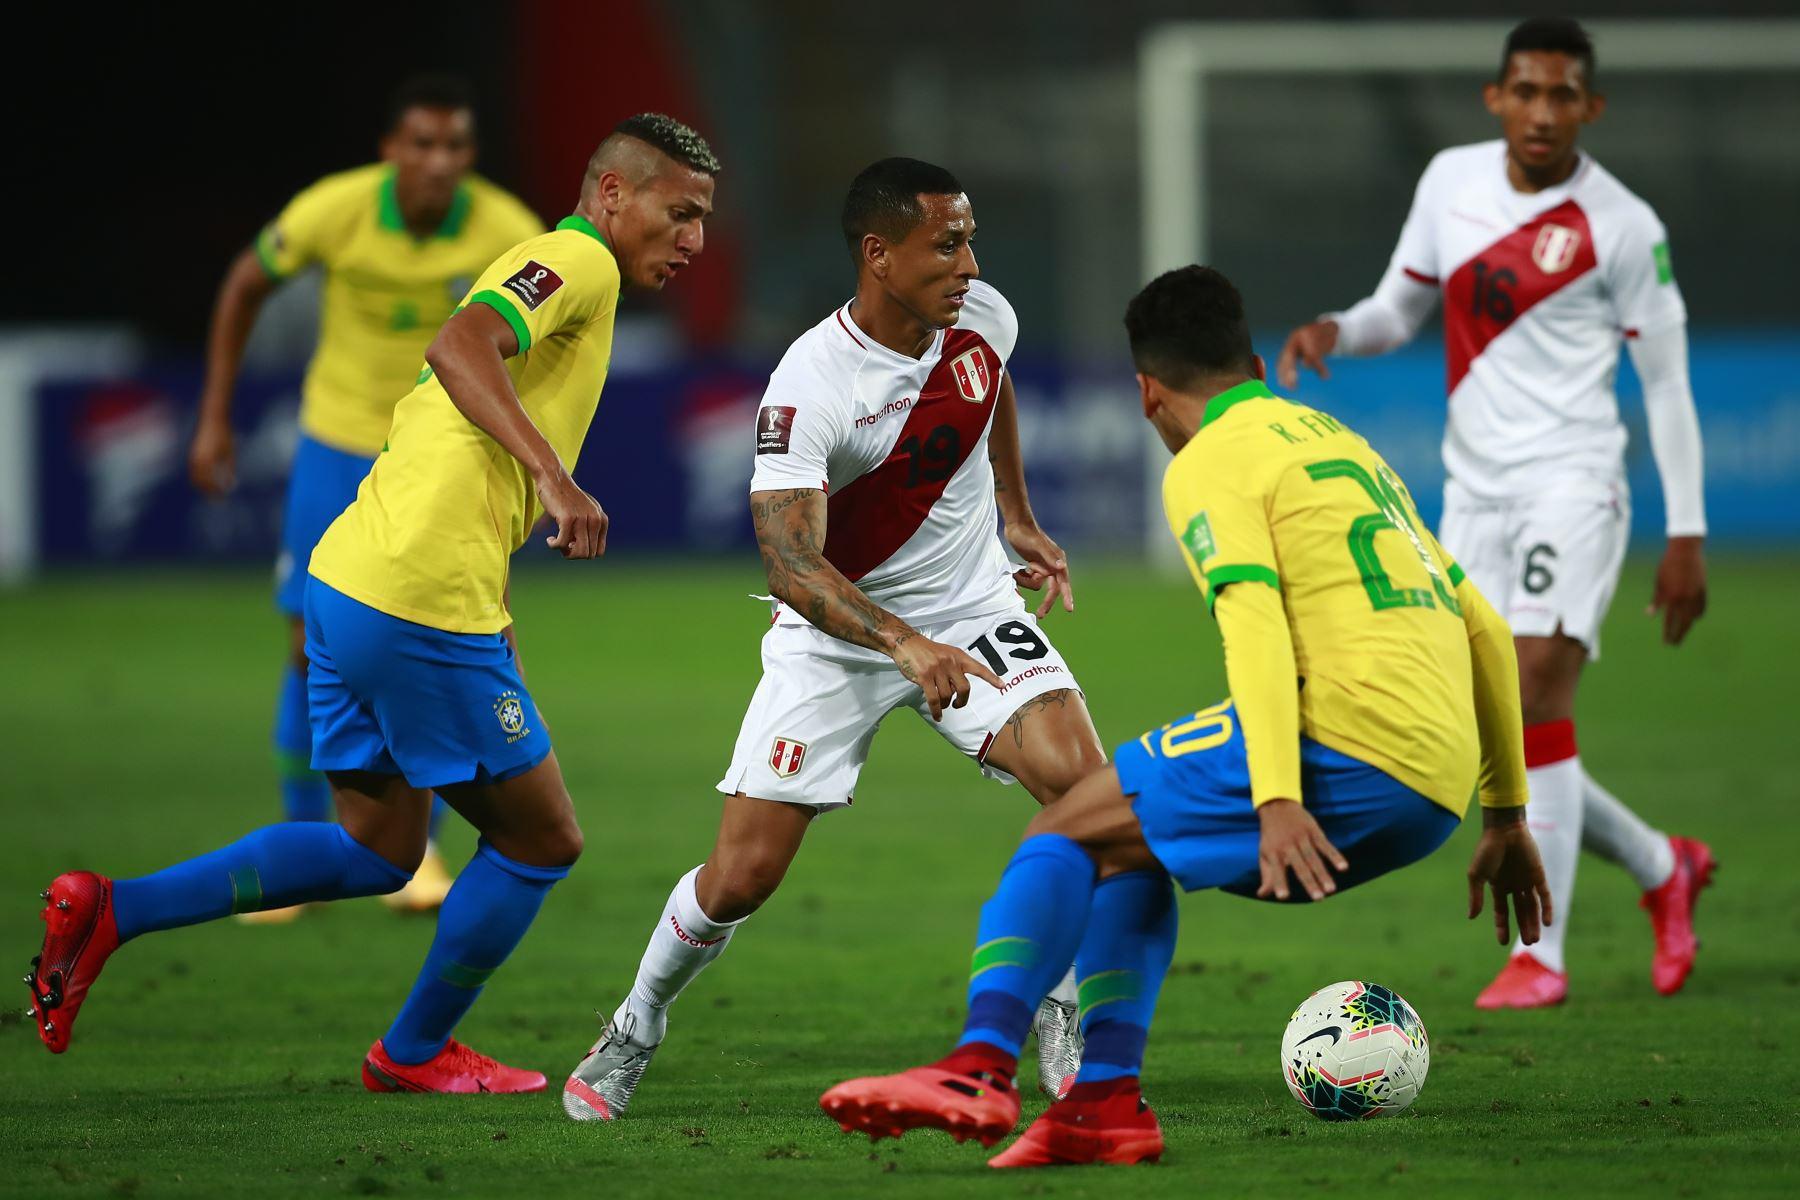 La fuerte crítica de un defensor peruano a Neymar — Es un payaso